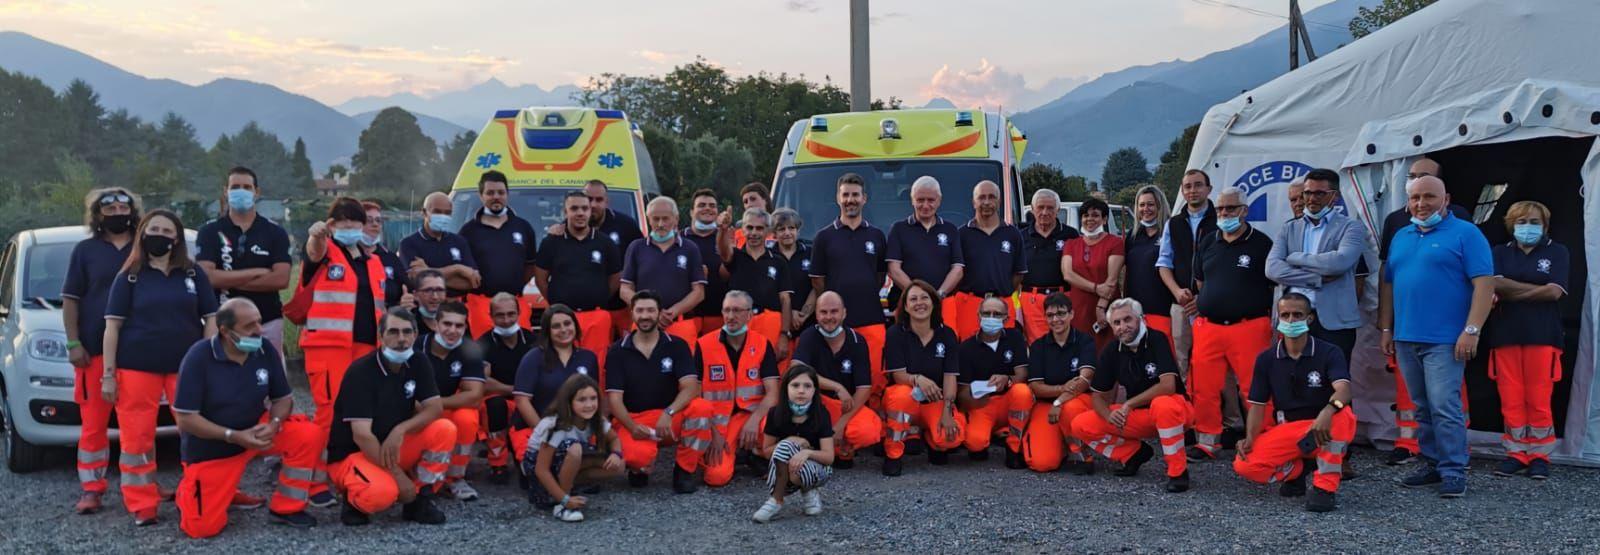 VALPERGA - Inaugurate le due nuove ambulanze della Croce Bianca del Canavese